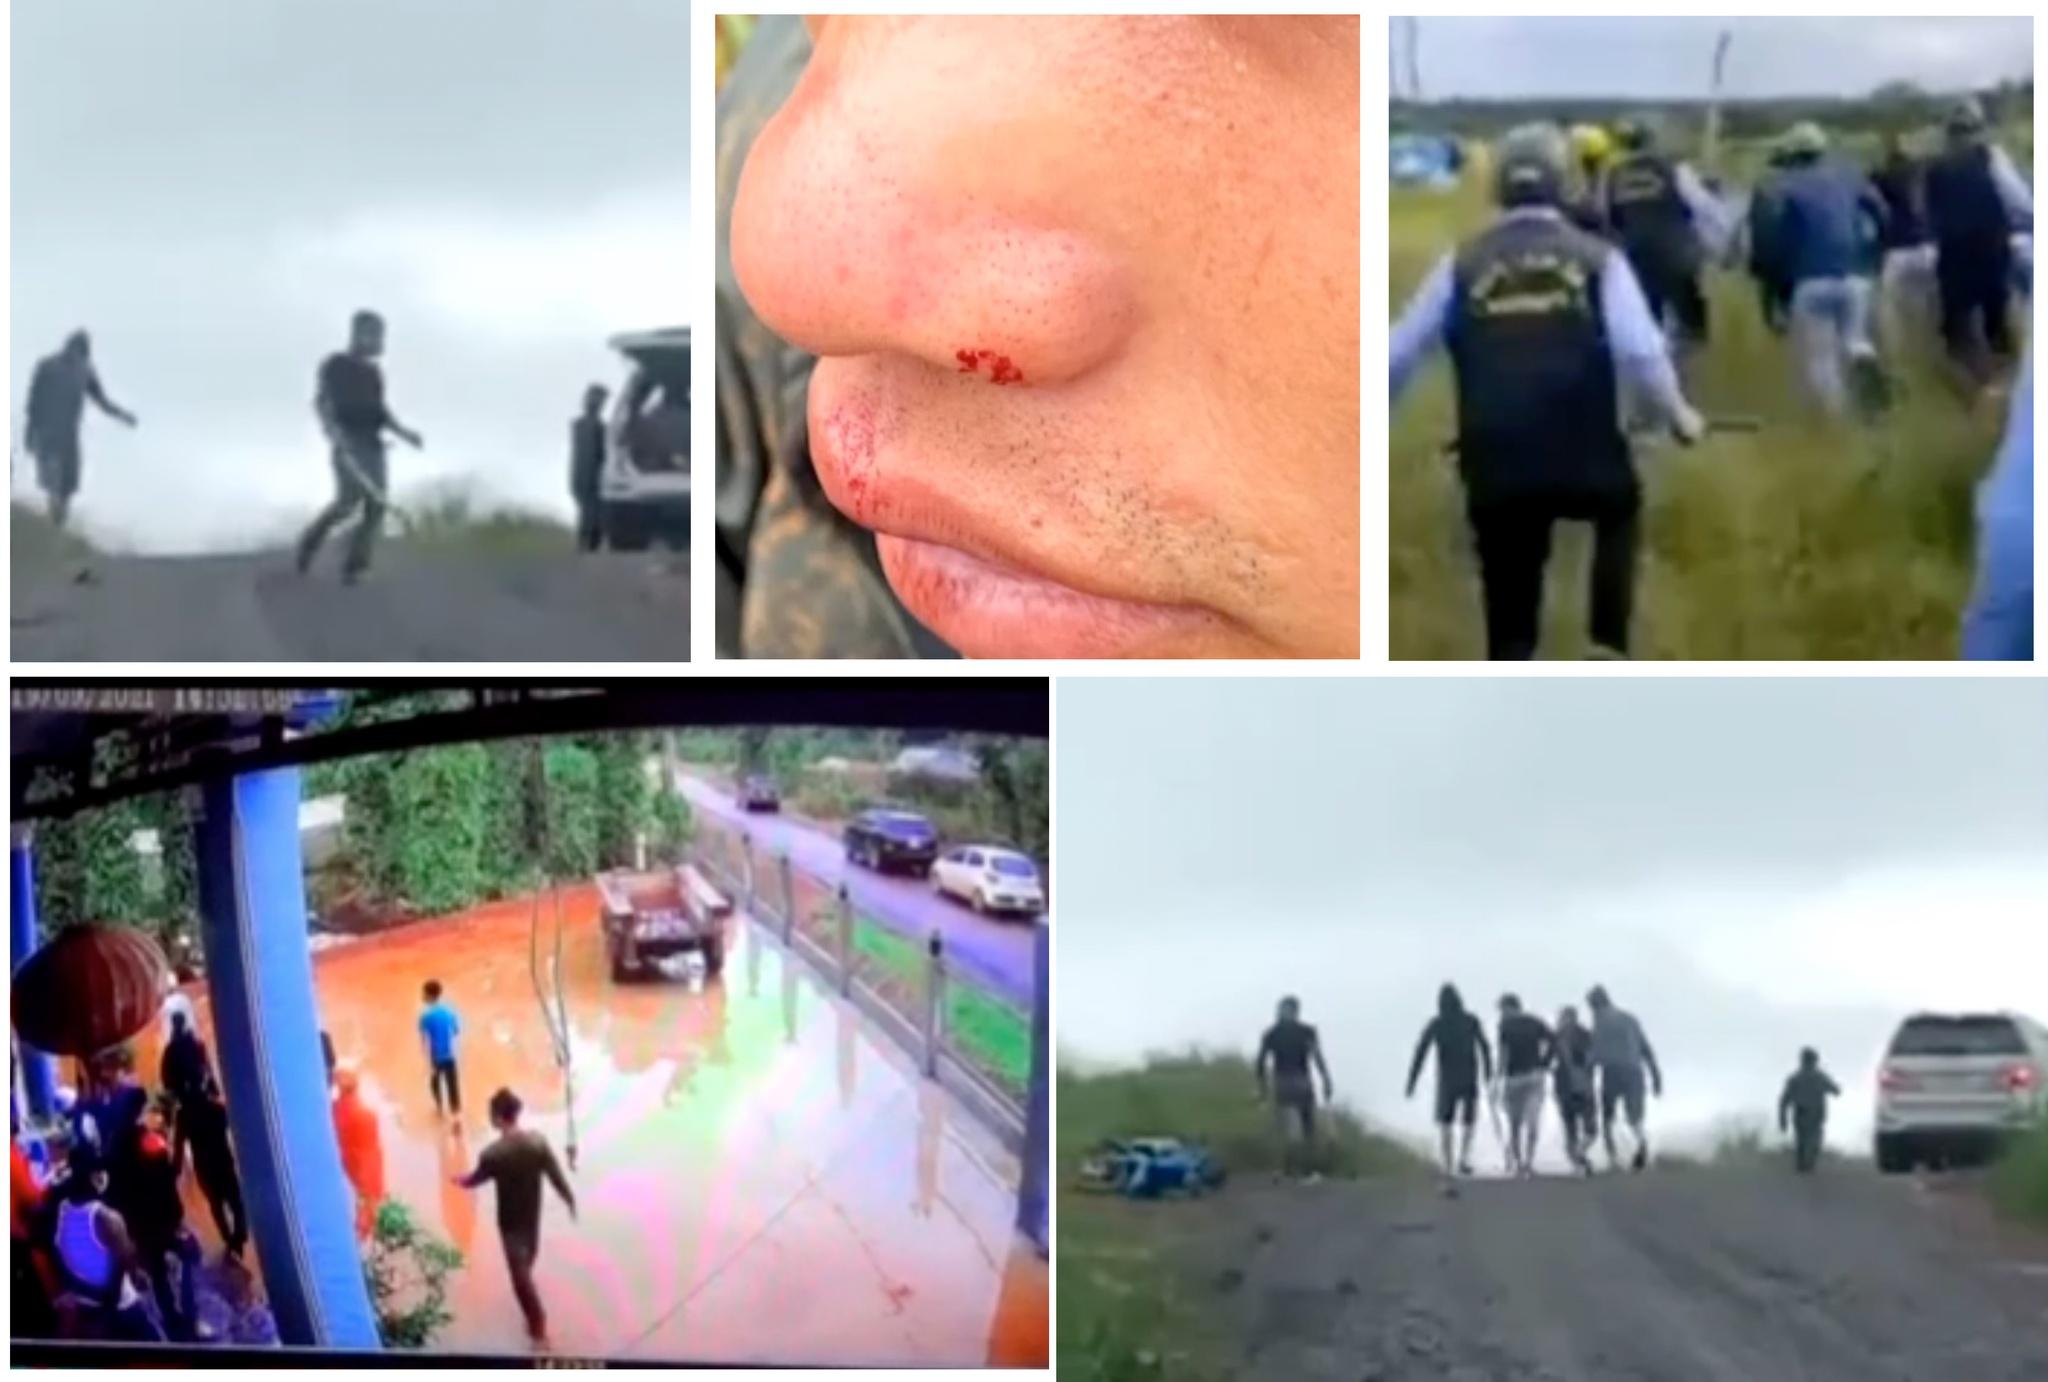 Nhóm người lạ mặt thường xuyên có các hành vi gây rối, tấn công người dân tại khu vực điện gió. (Ảnh qua Thanh Niên)